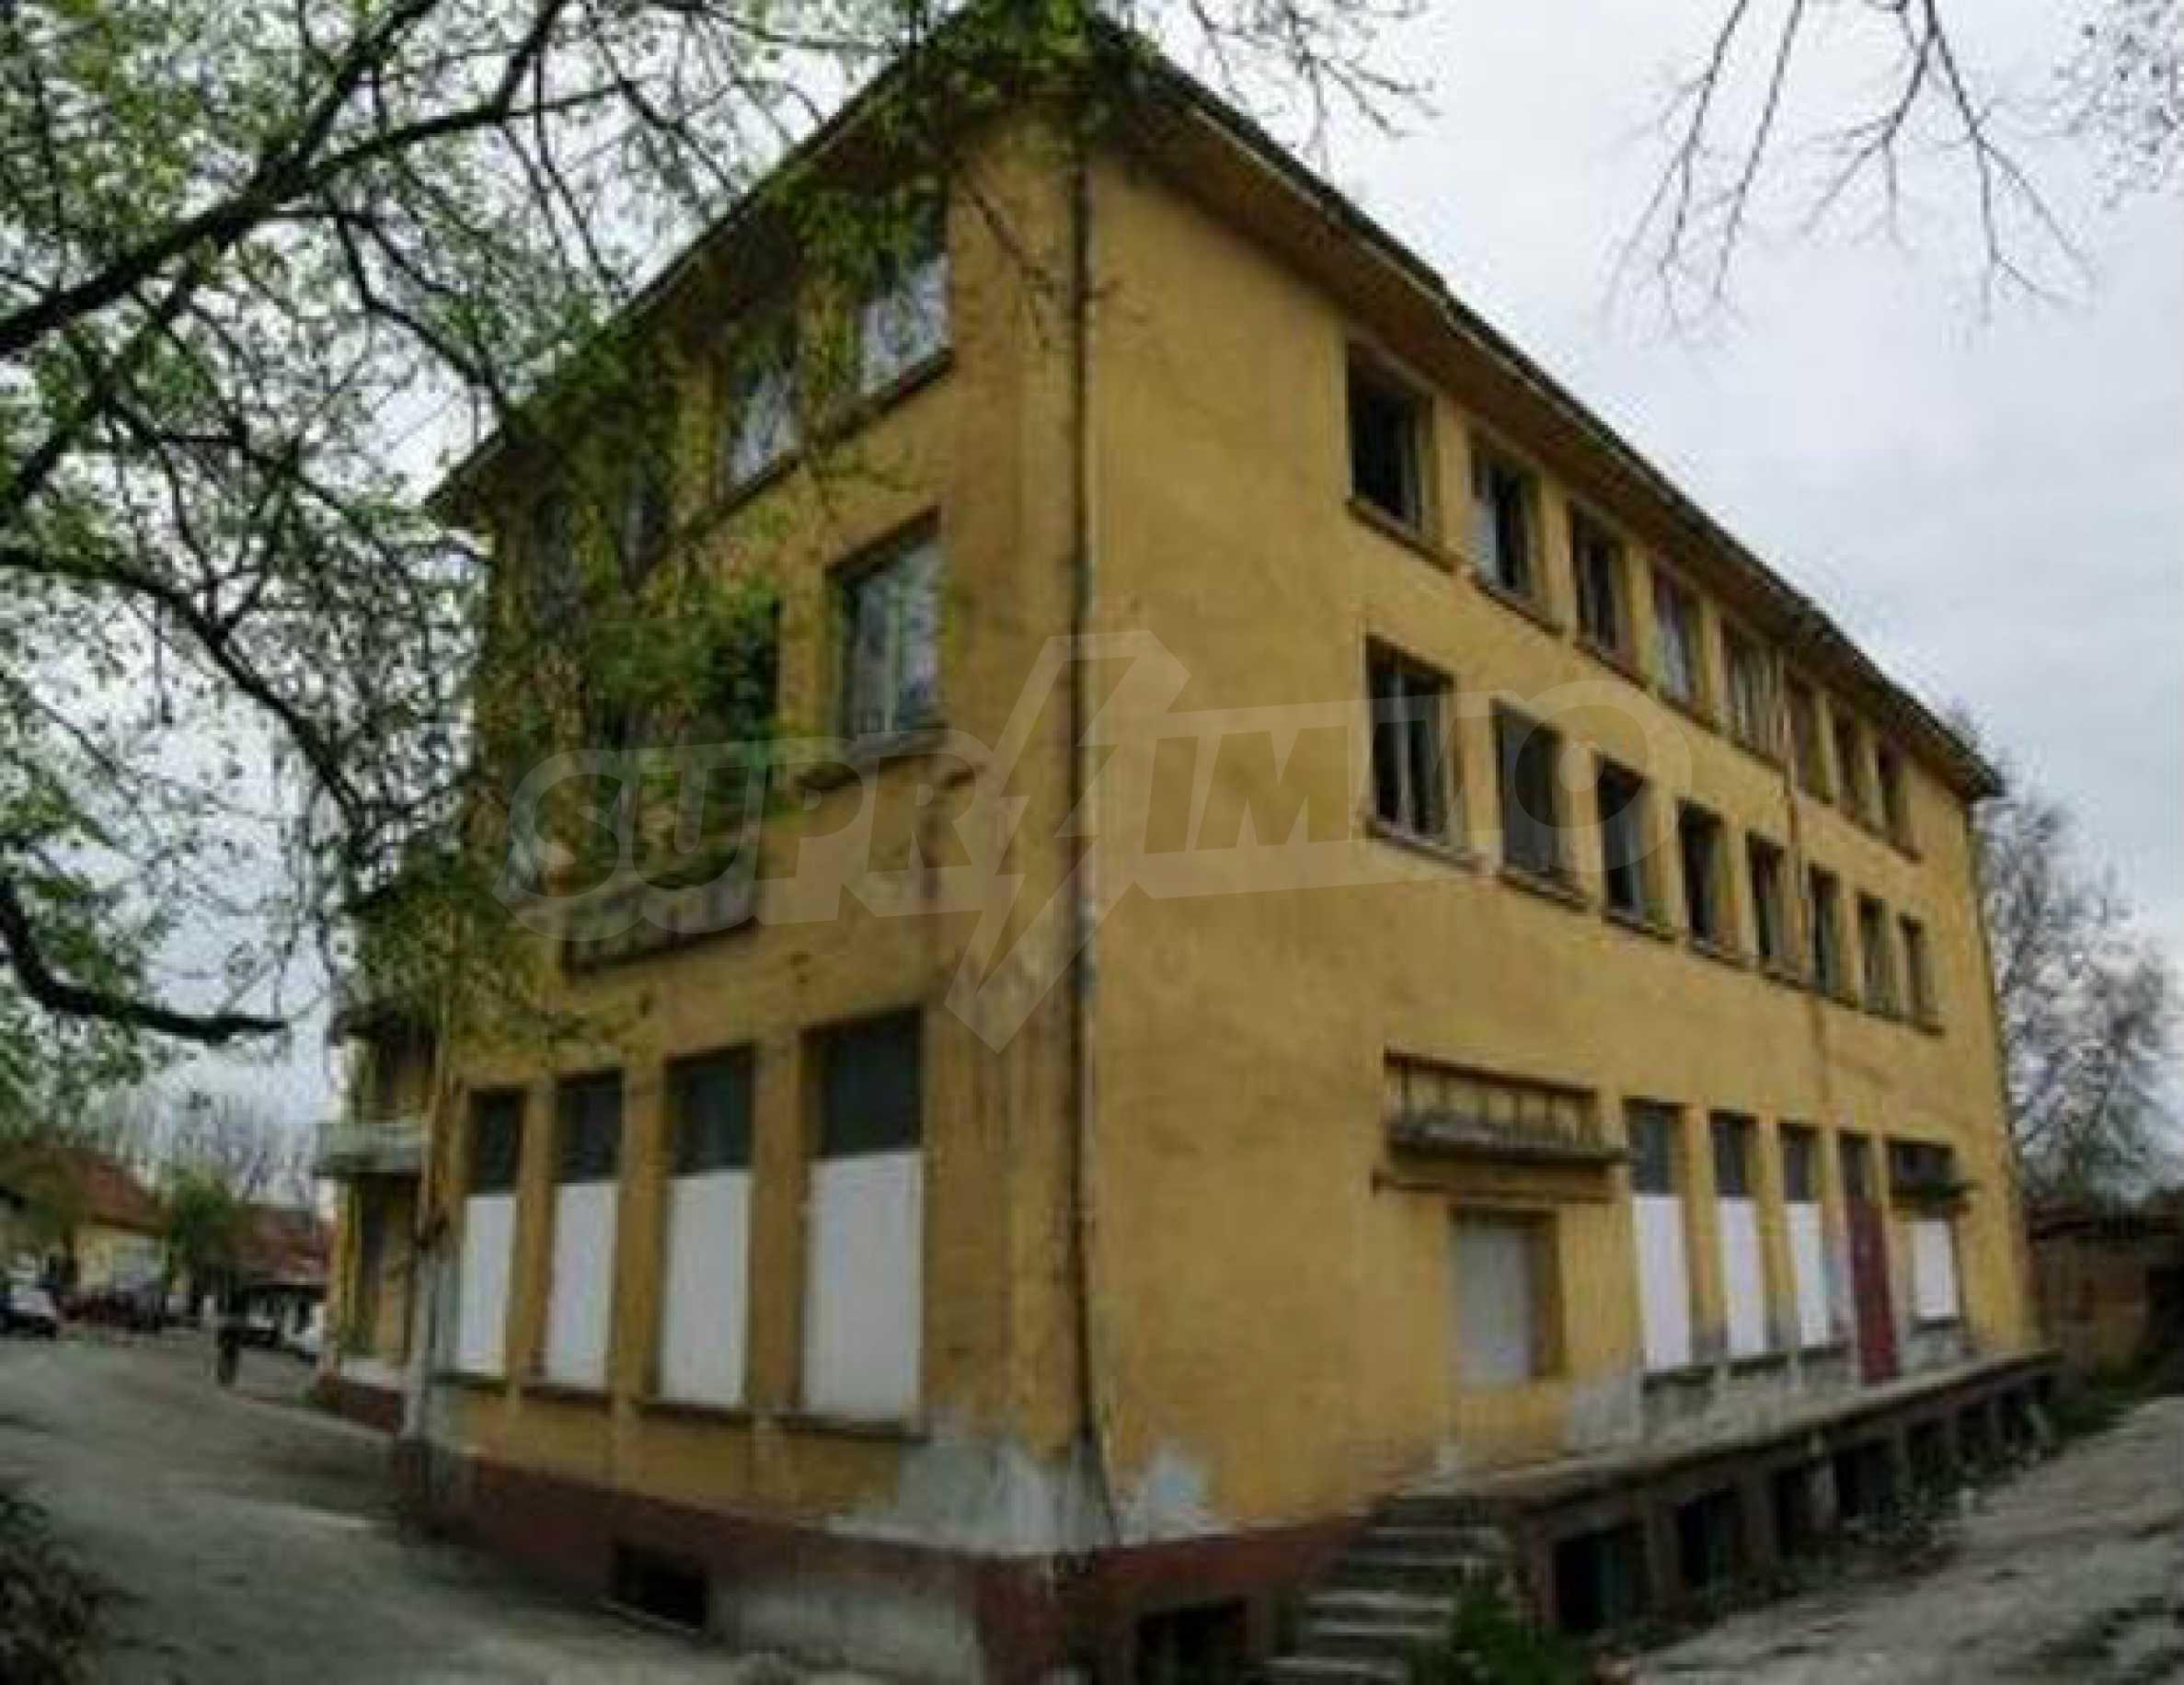 Massives dreistöckiges Lagerhaus in einer Stadt 40 km von Veliko Tarnovo entfernt 1